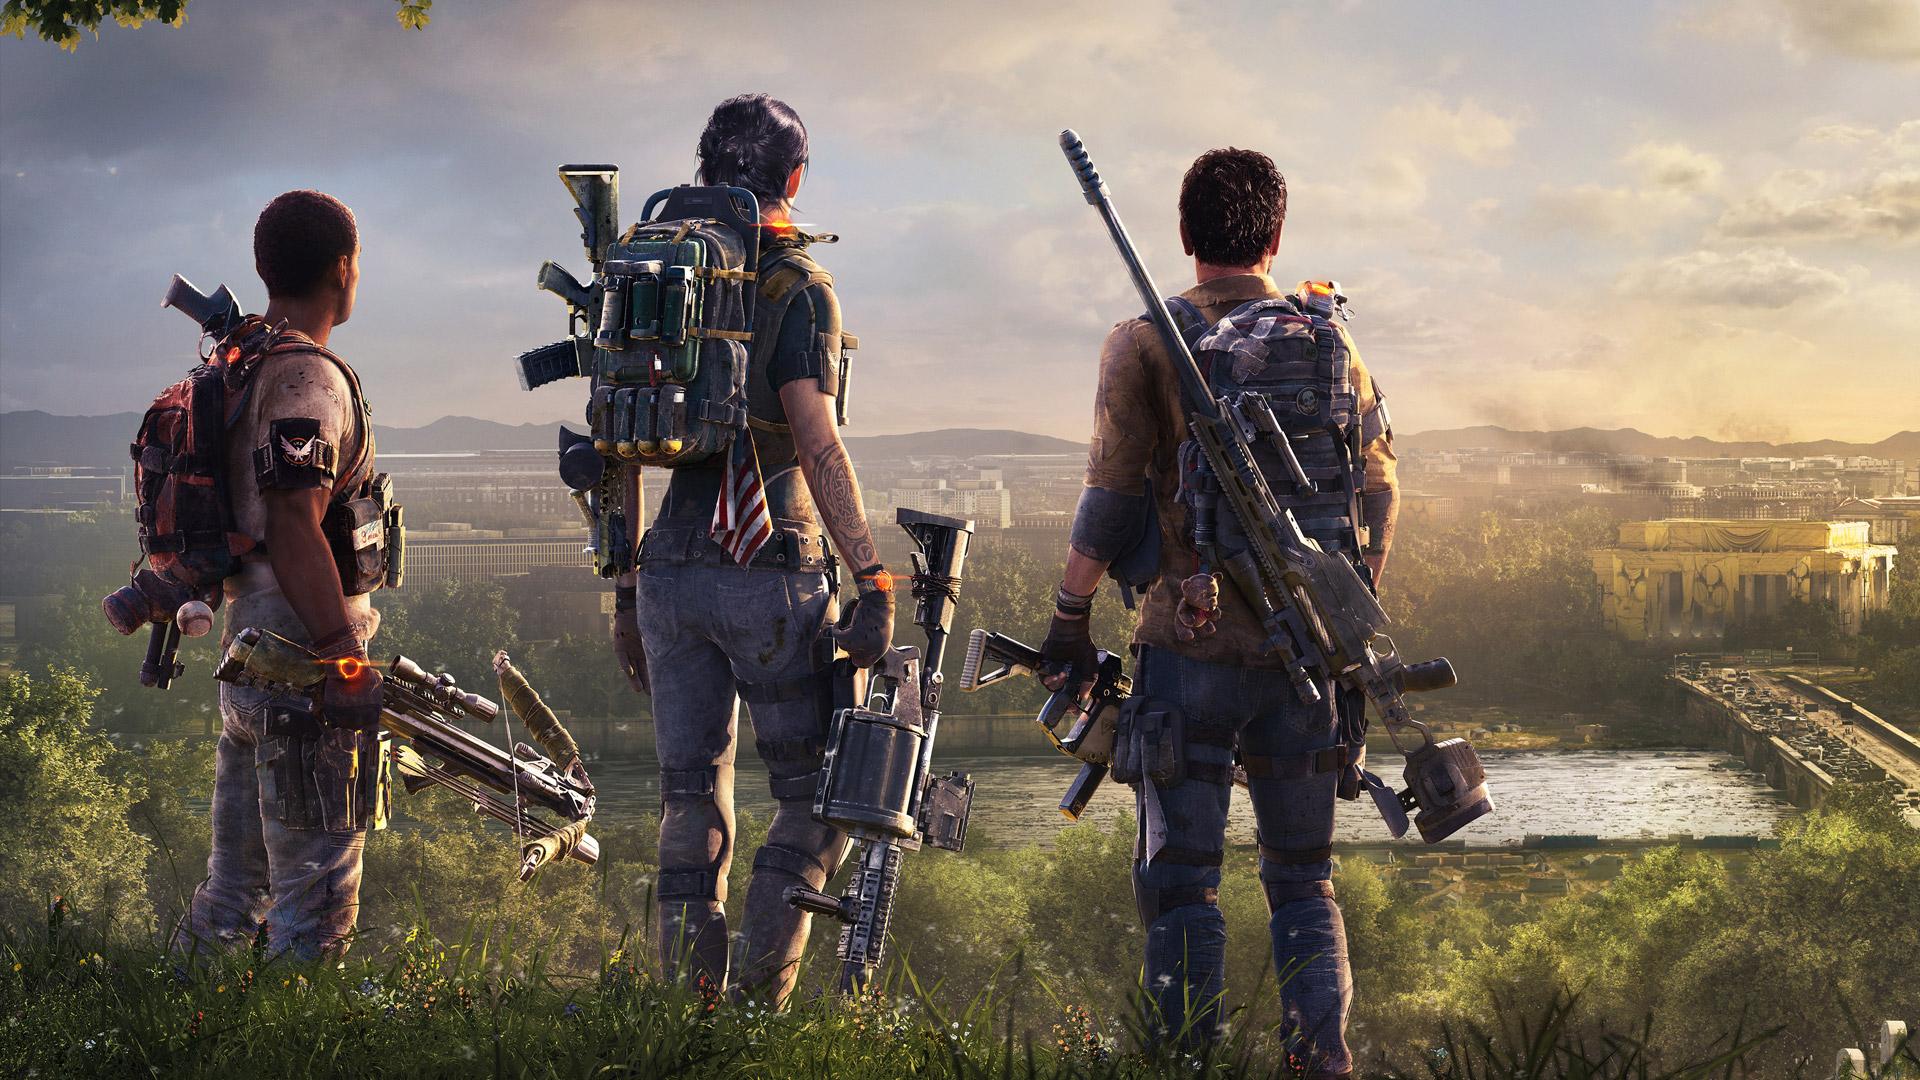 مشخصات سیستم مورد نیاز بازی The Division 2 اعلام شد